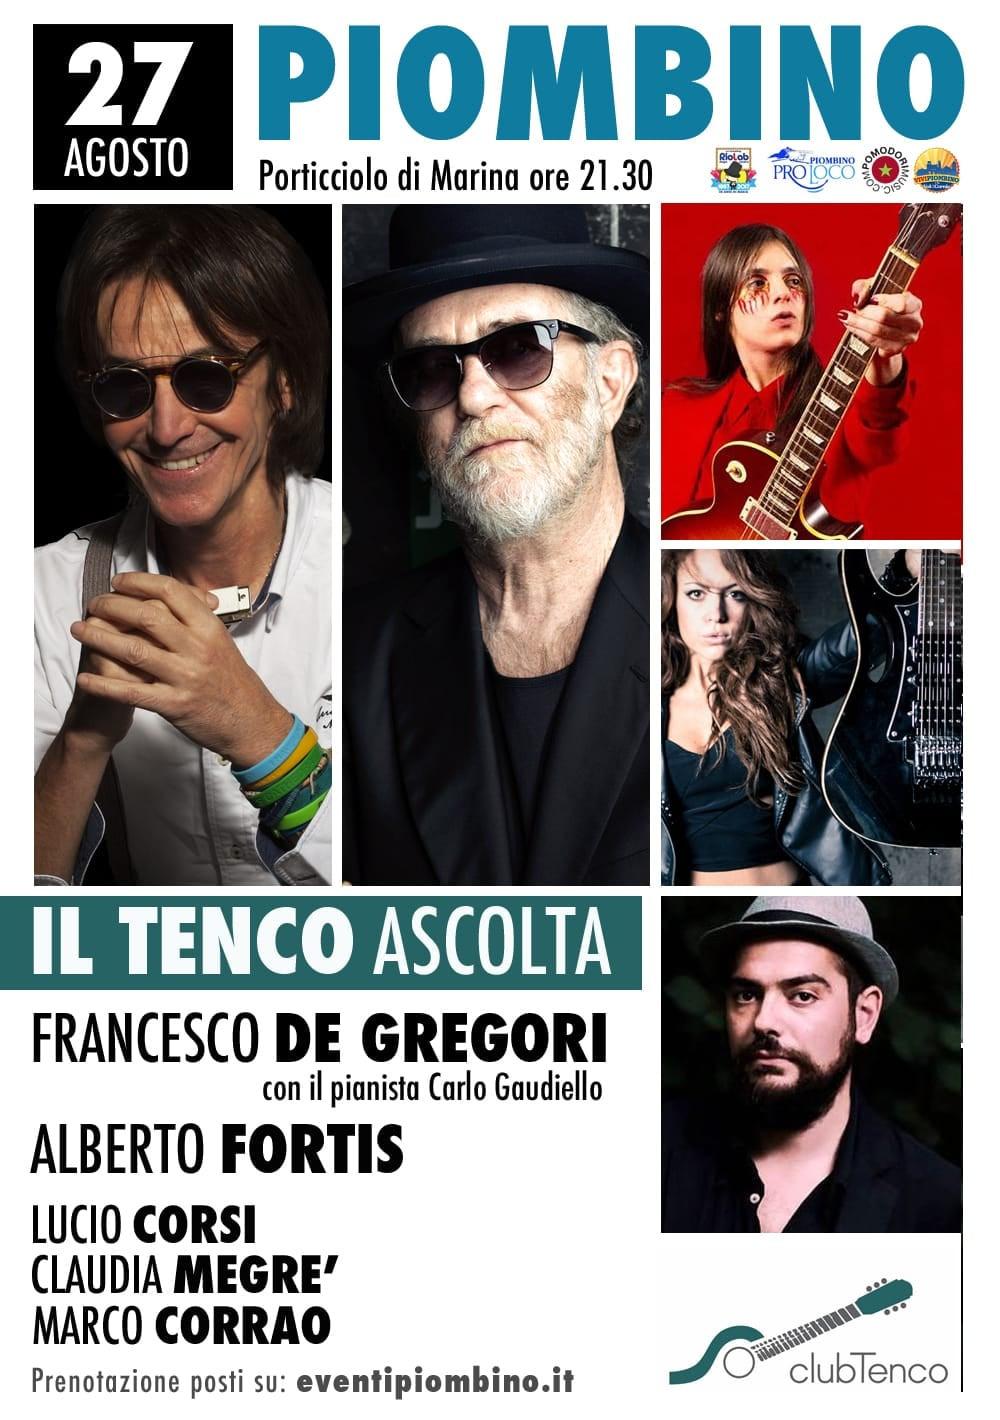 Il Tenco Ascolta porta sul palco Francesco De Gregori e Alberto Fortis.